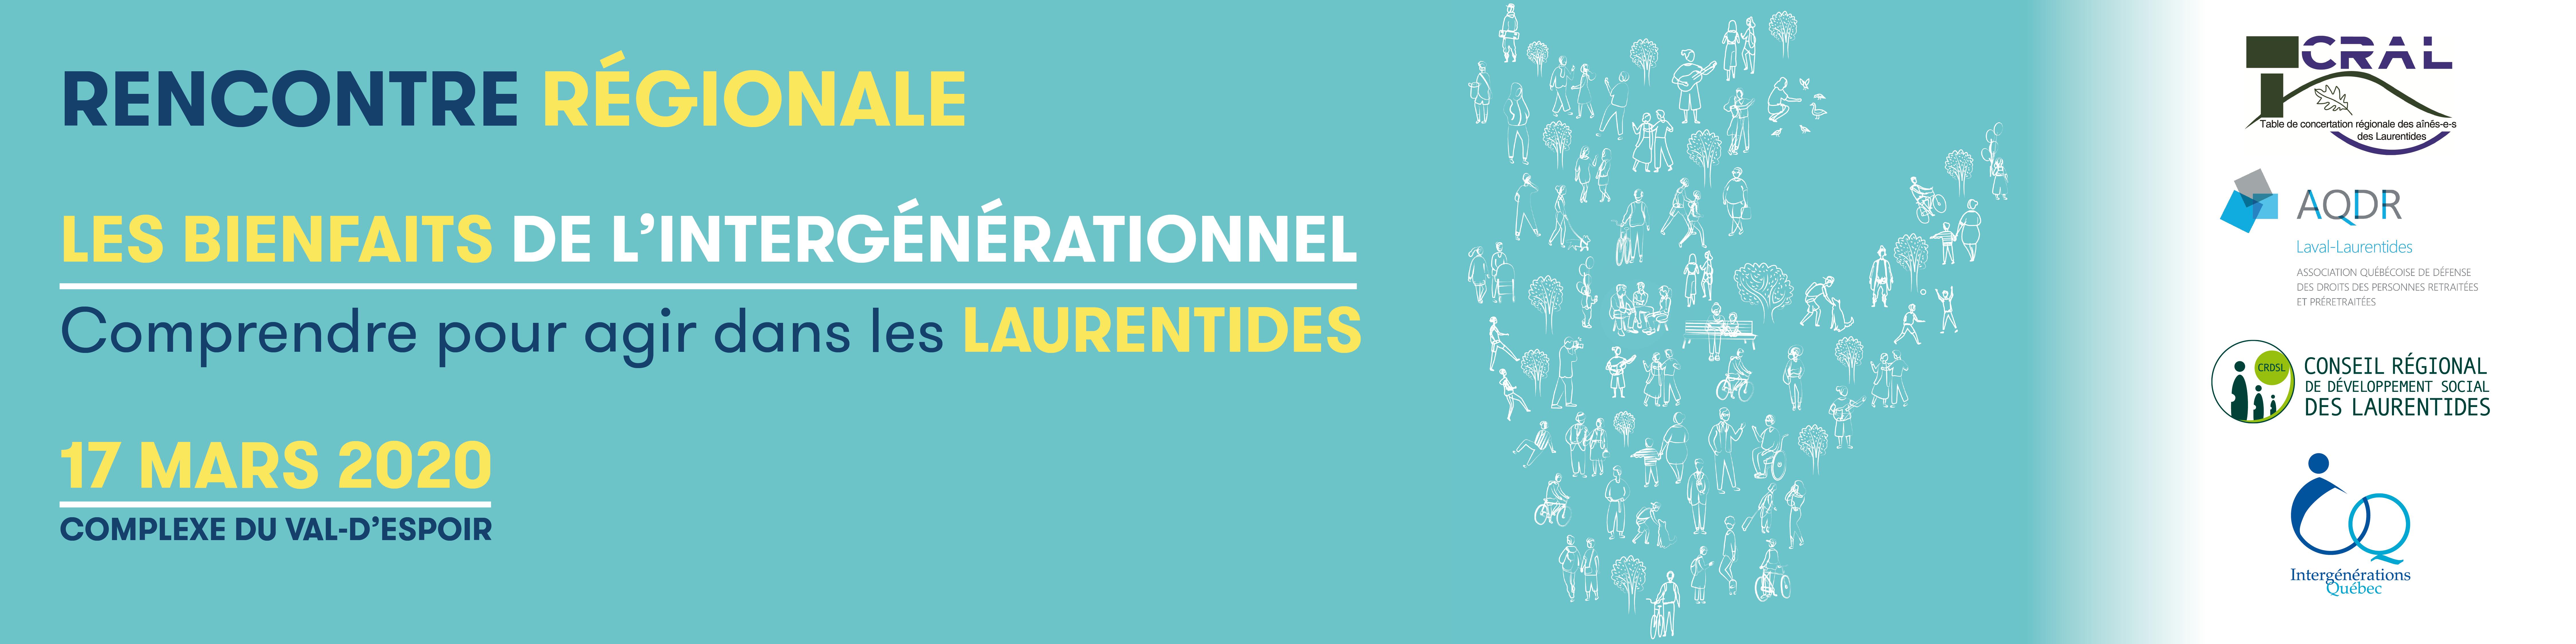 Bandeau Rencontre régionale Laurentides